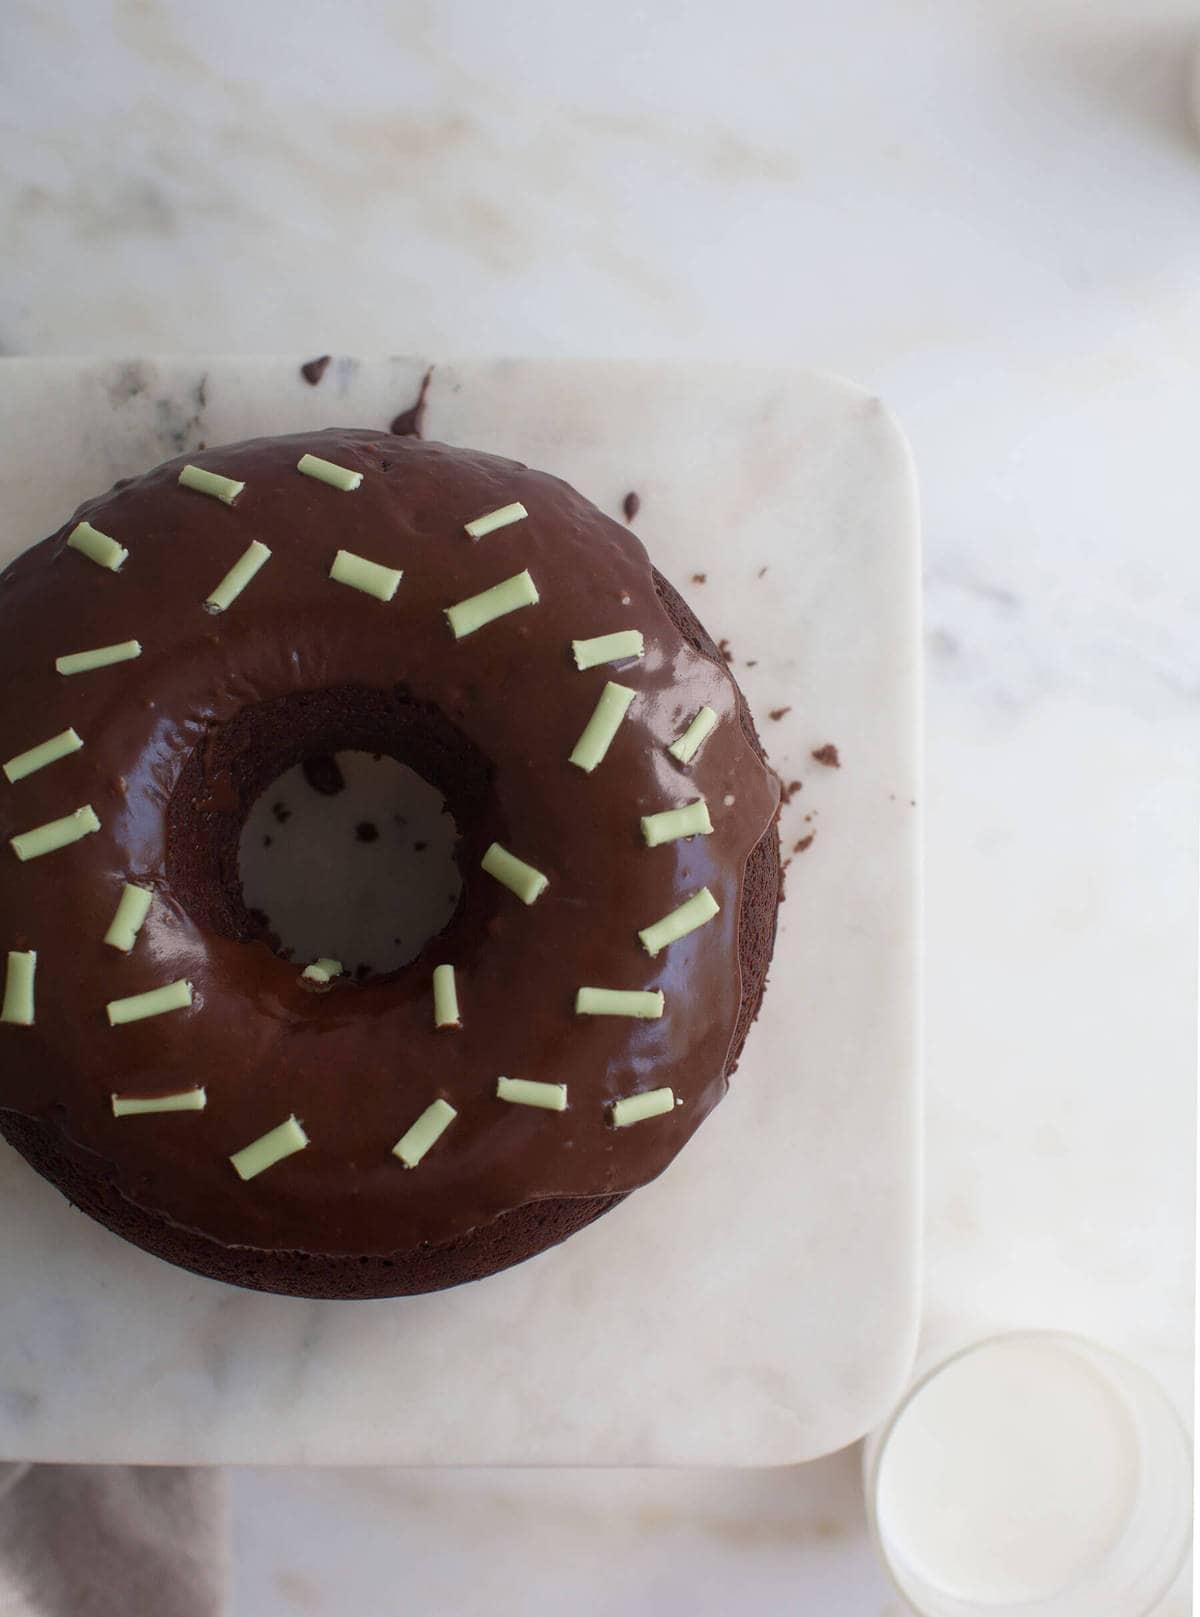 Big Ass Doughnut (w/ Big Sprinkles, Too)